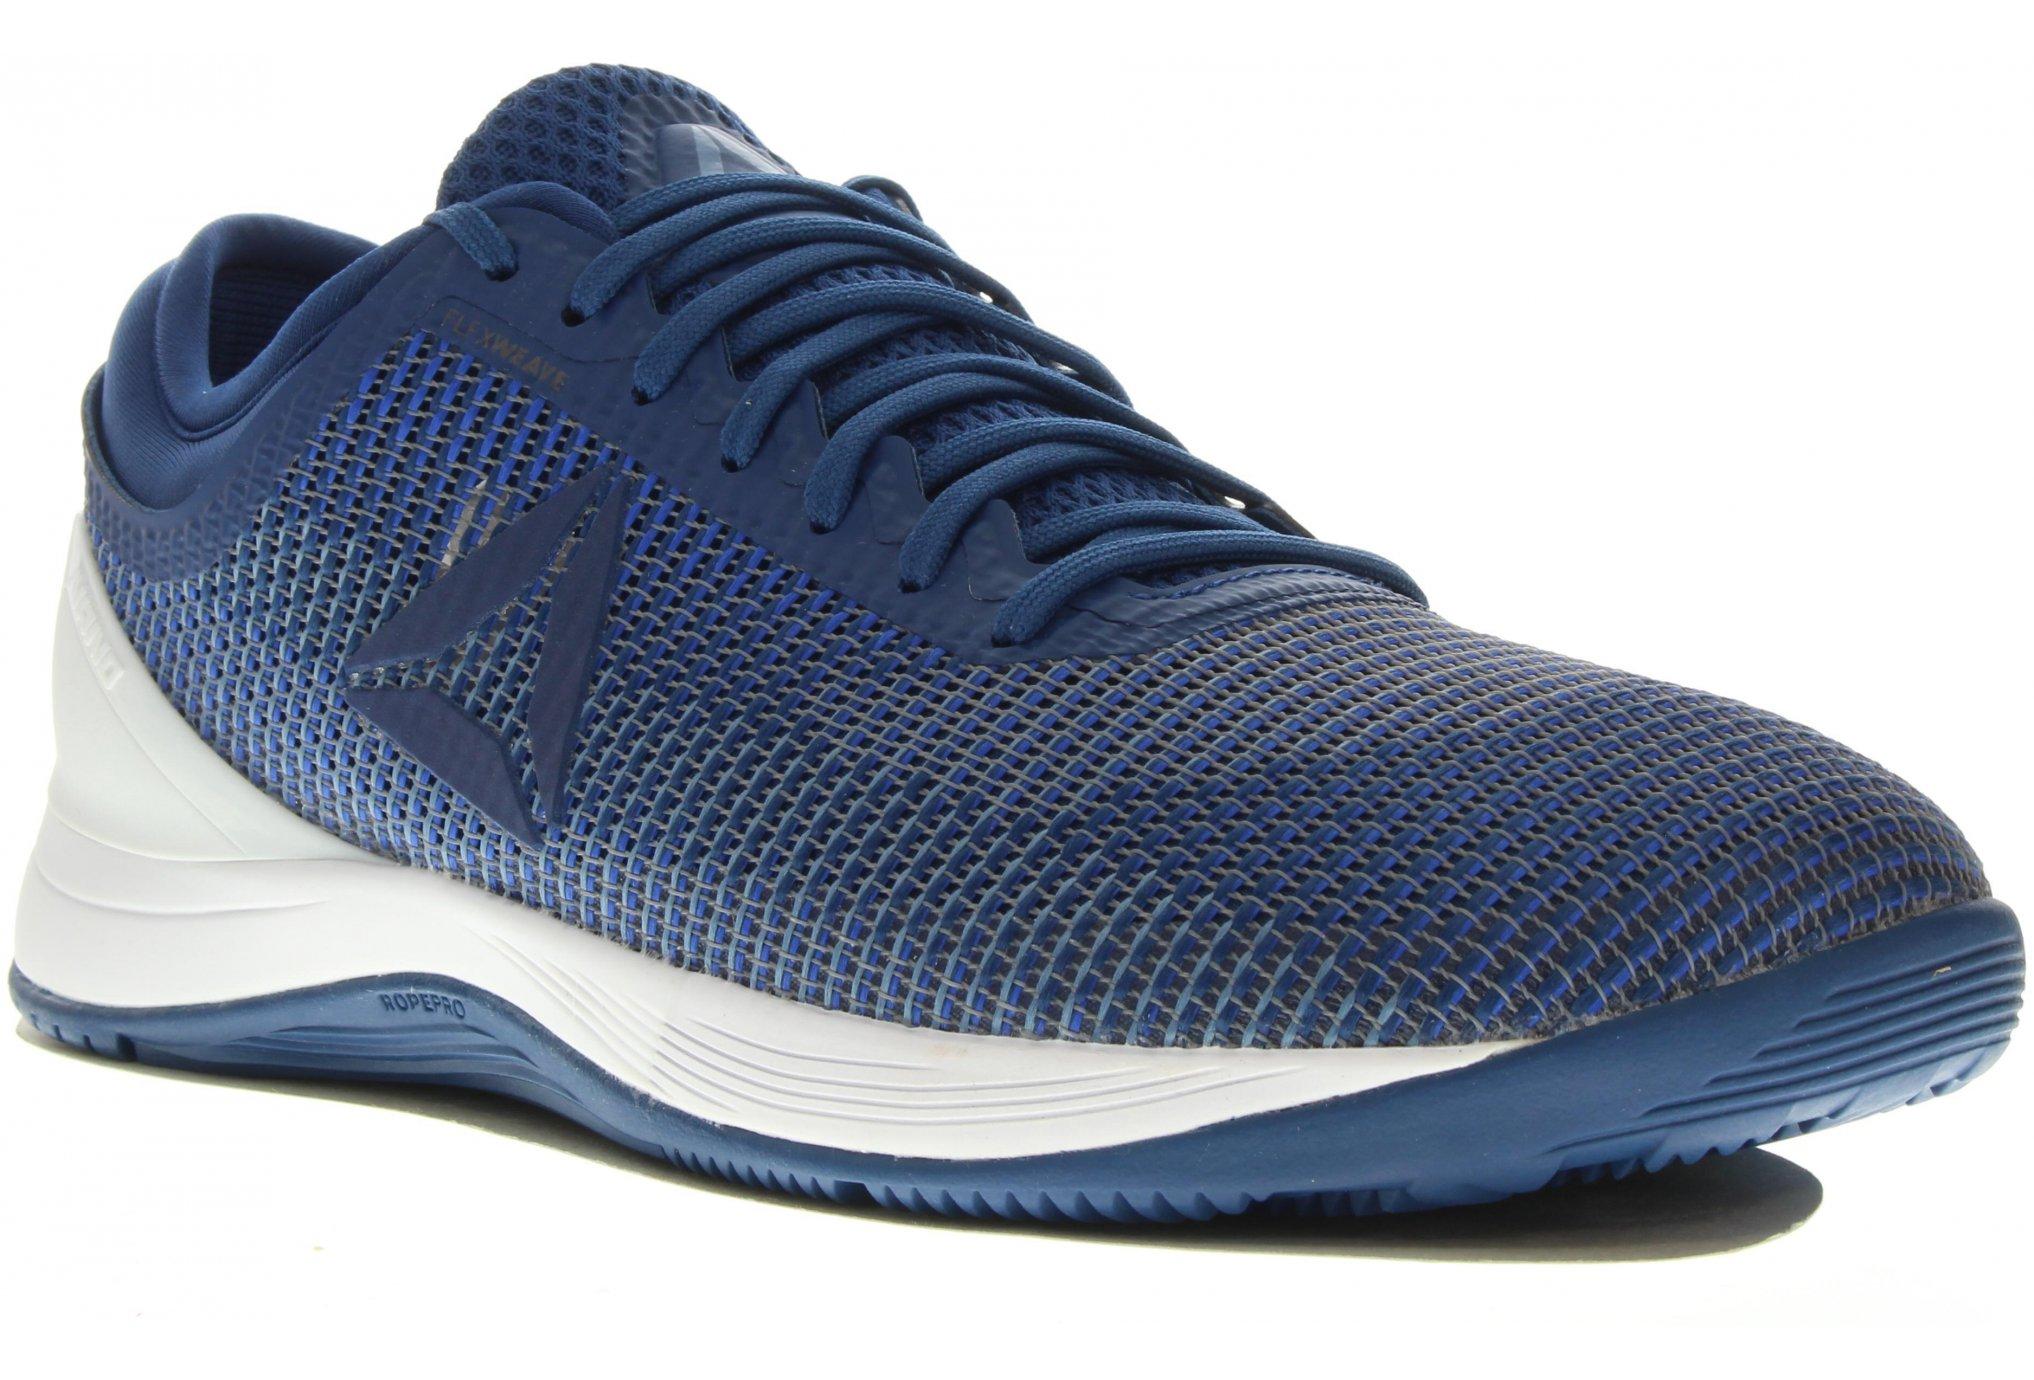 Reebok Crossfit Nano 8 Flexweave M Diététique Chaussures homme